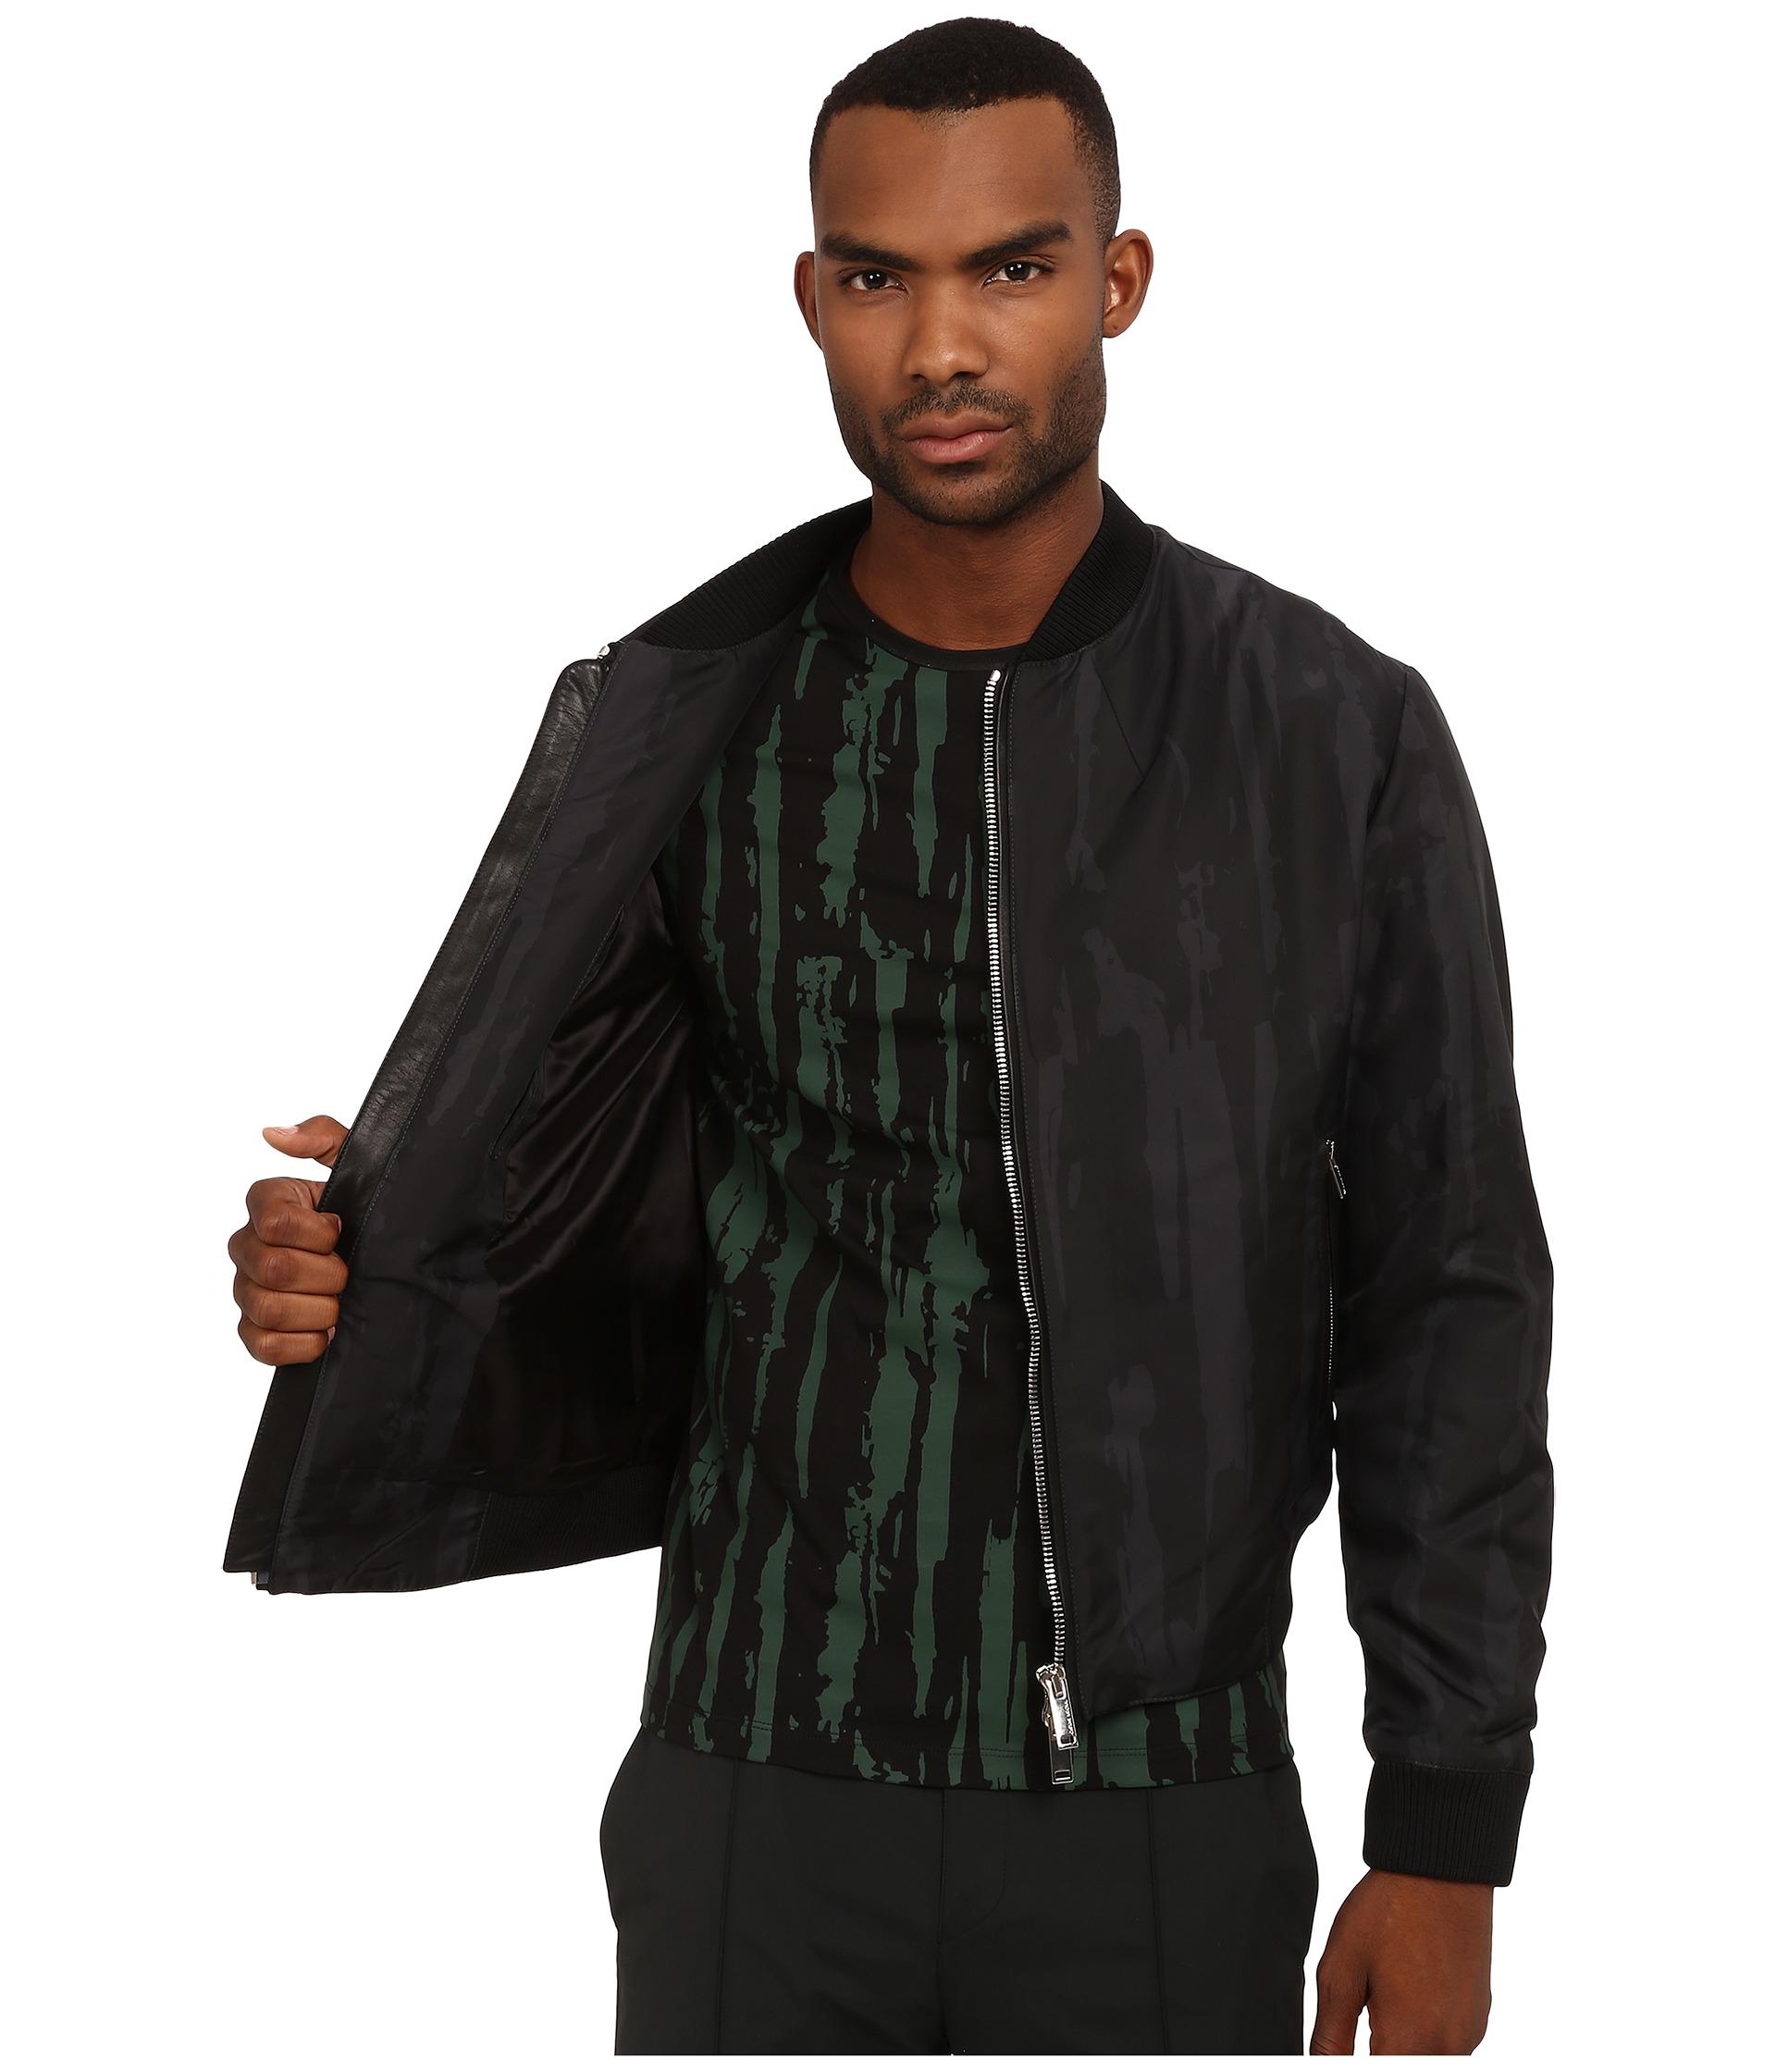 Bomber Jacket Costume - Coat Nj